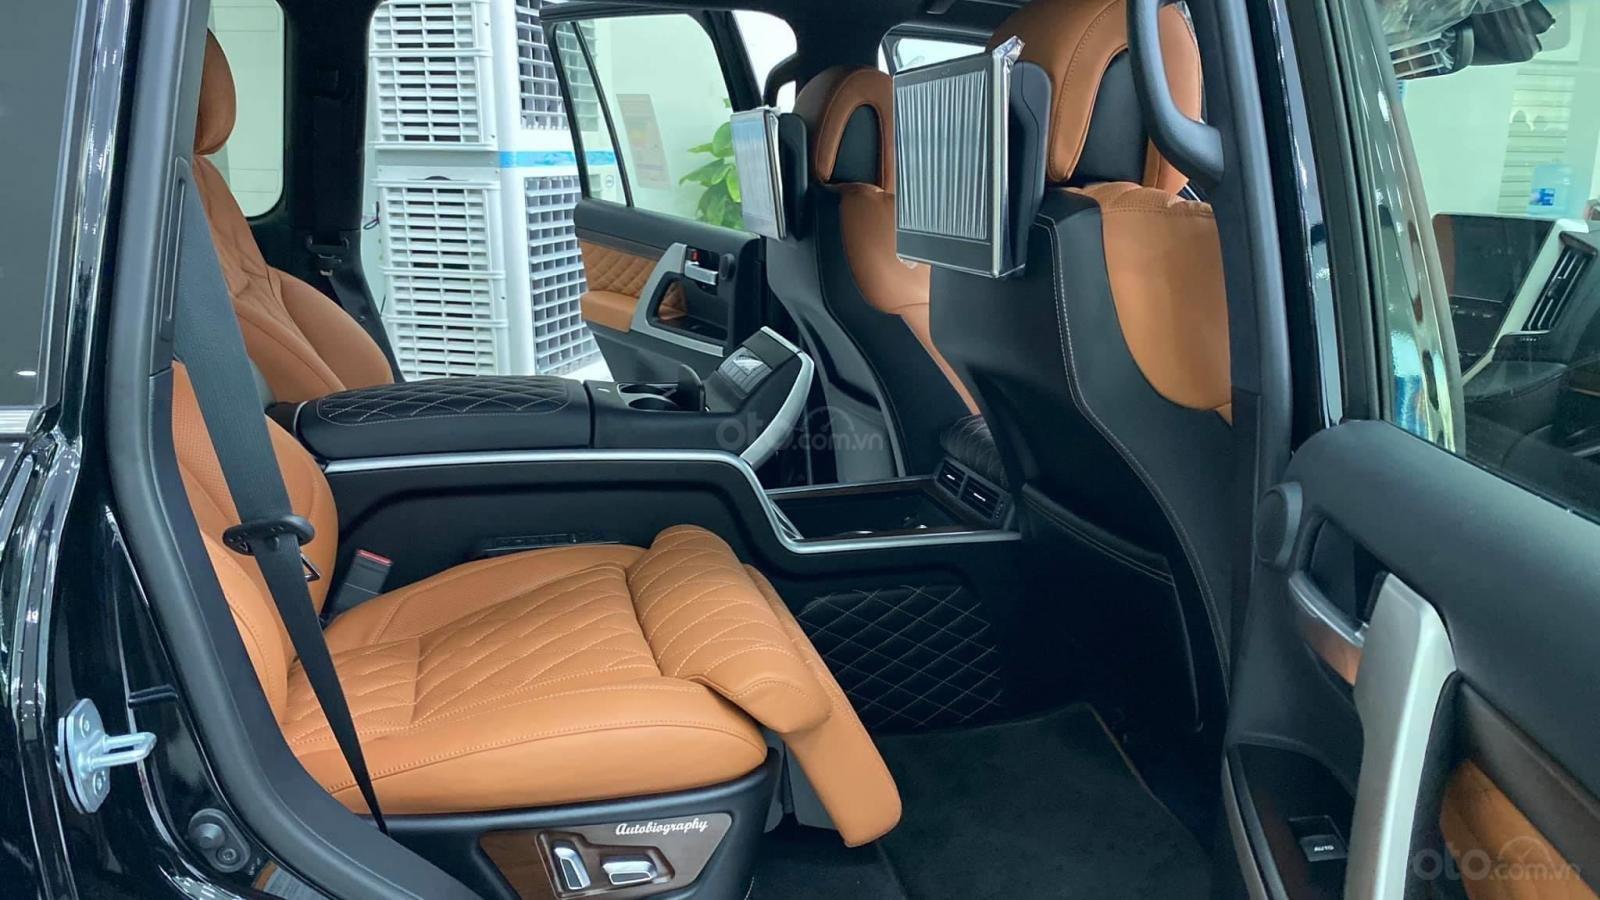 Bán Toyota Land Cruise VX S 5.7 sản xuất 2020, 4 ghế Massage siêu vip, xe giao ngay, giá tốt (13)